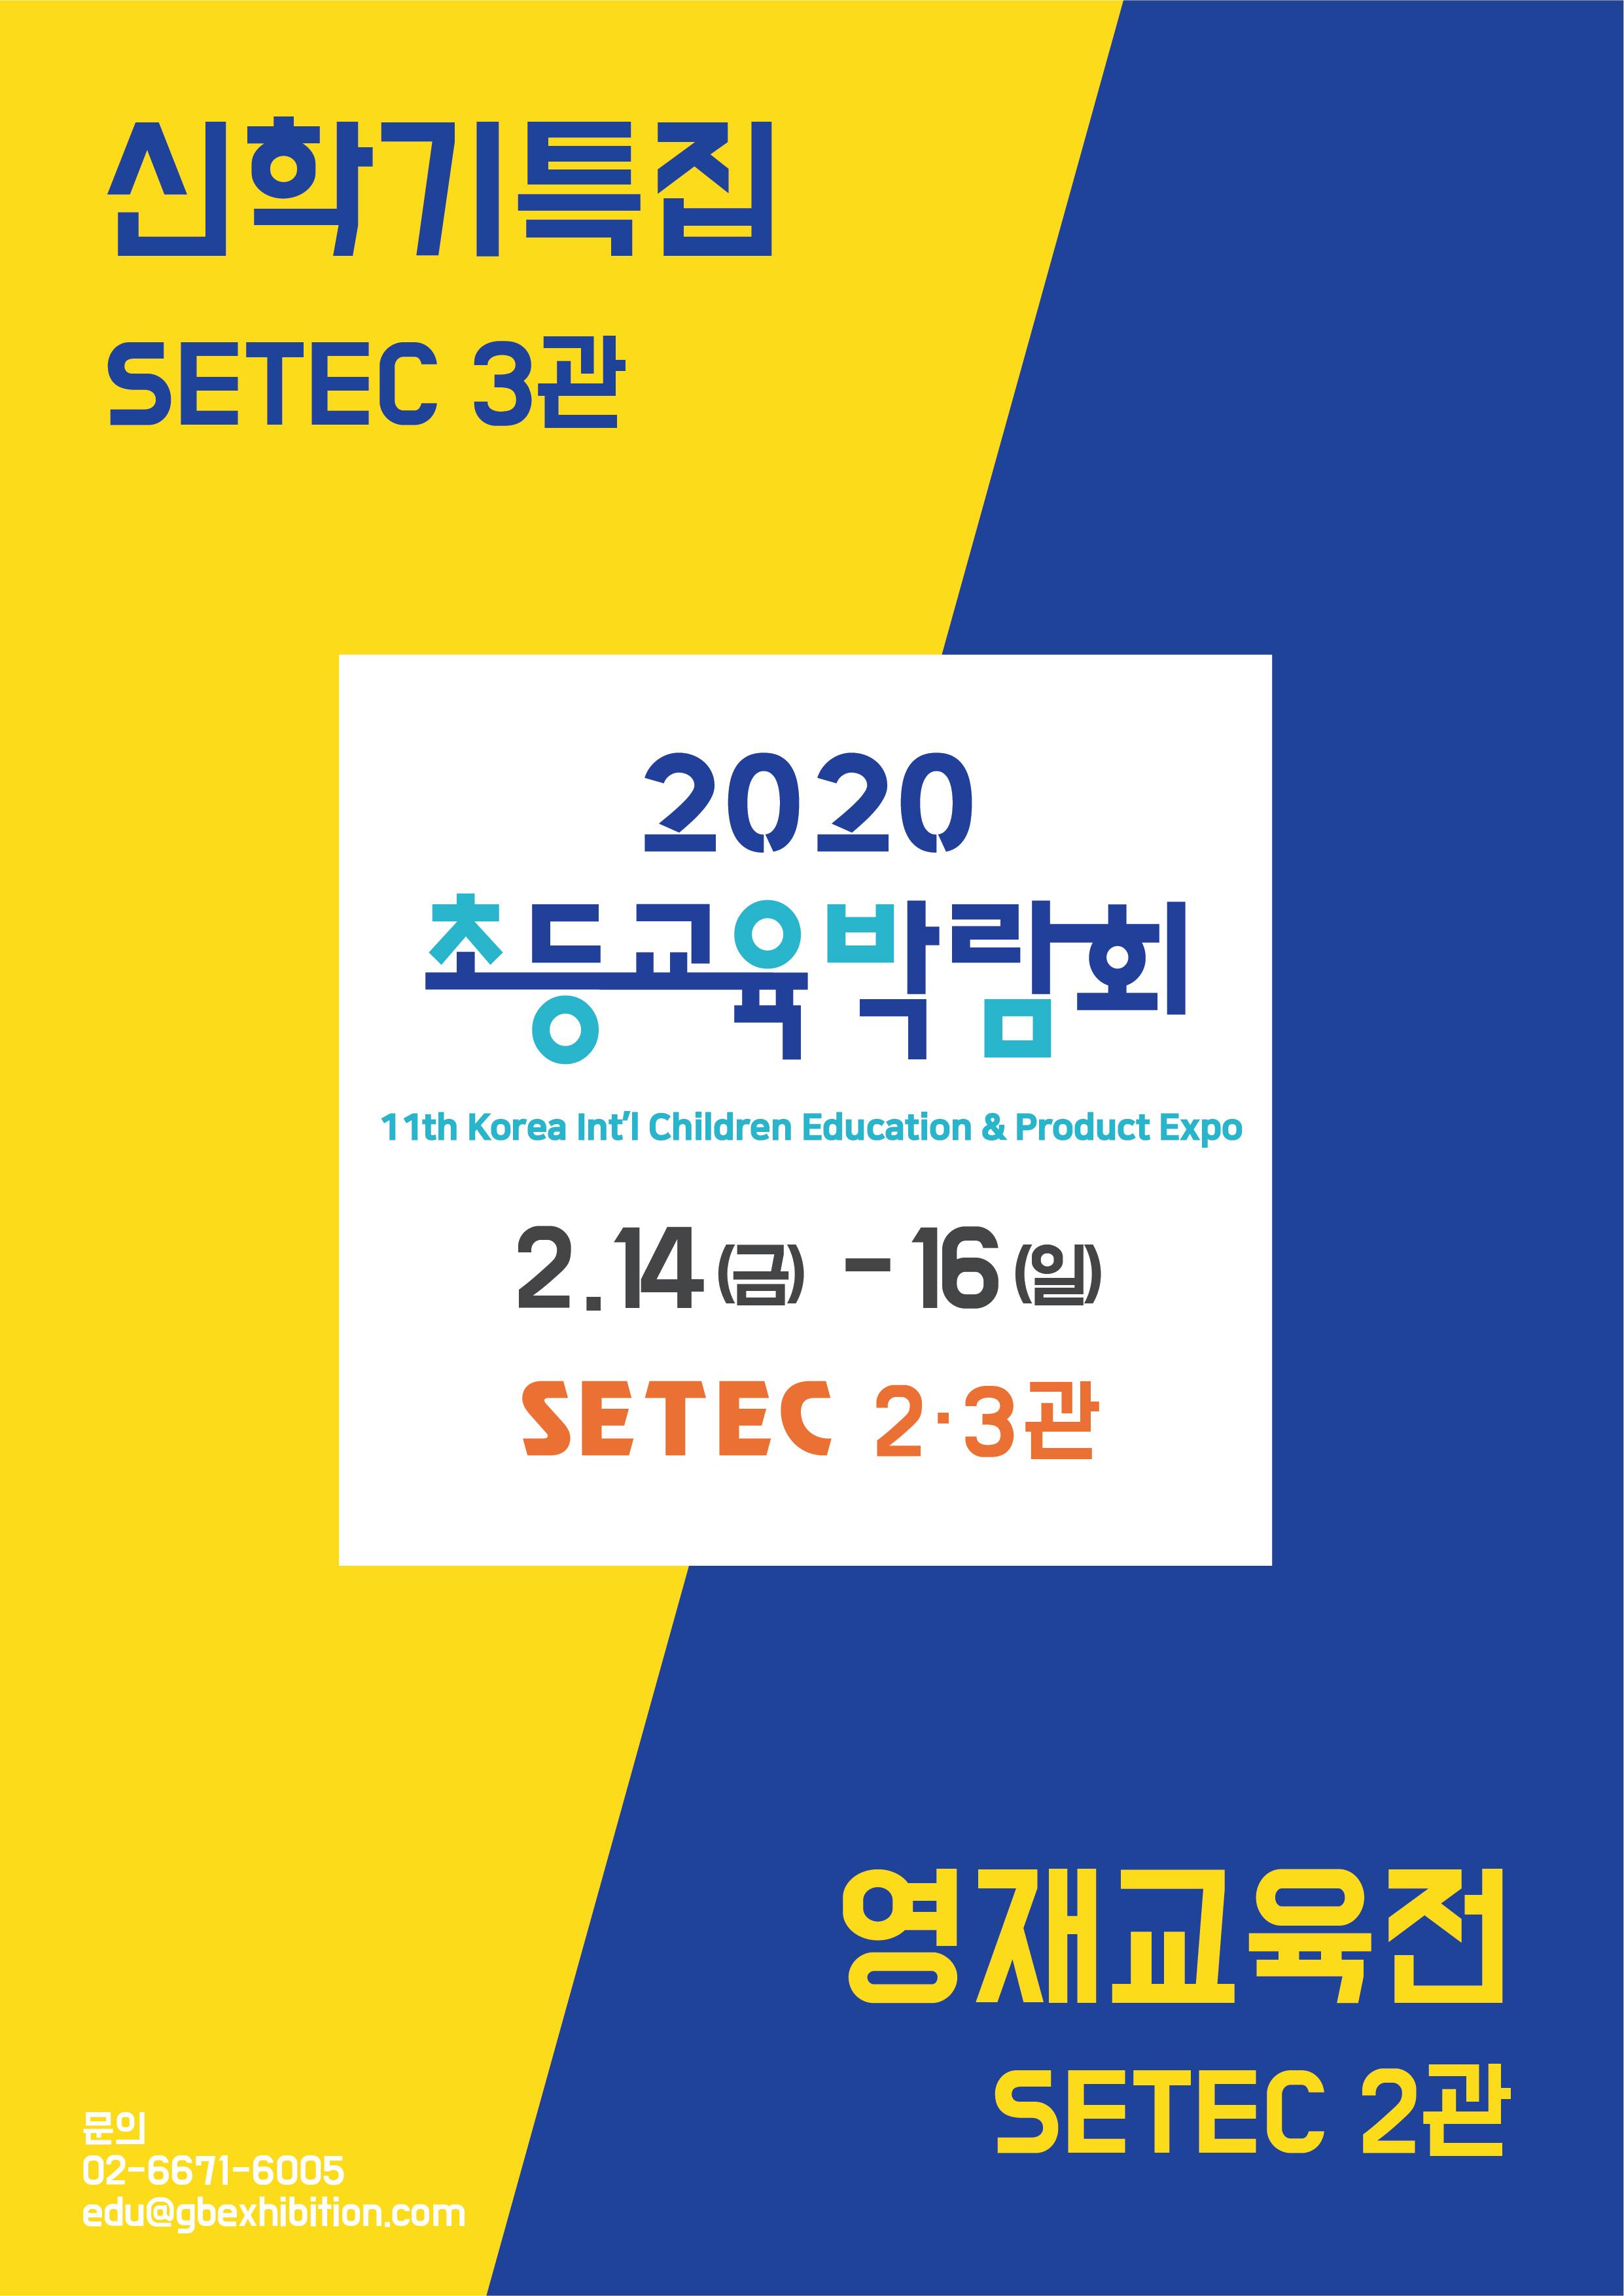 2020초등교육박람회 & 영재교육전 (신학기특집)